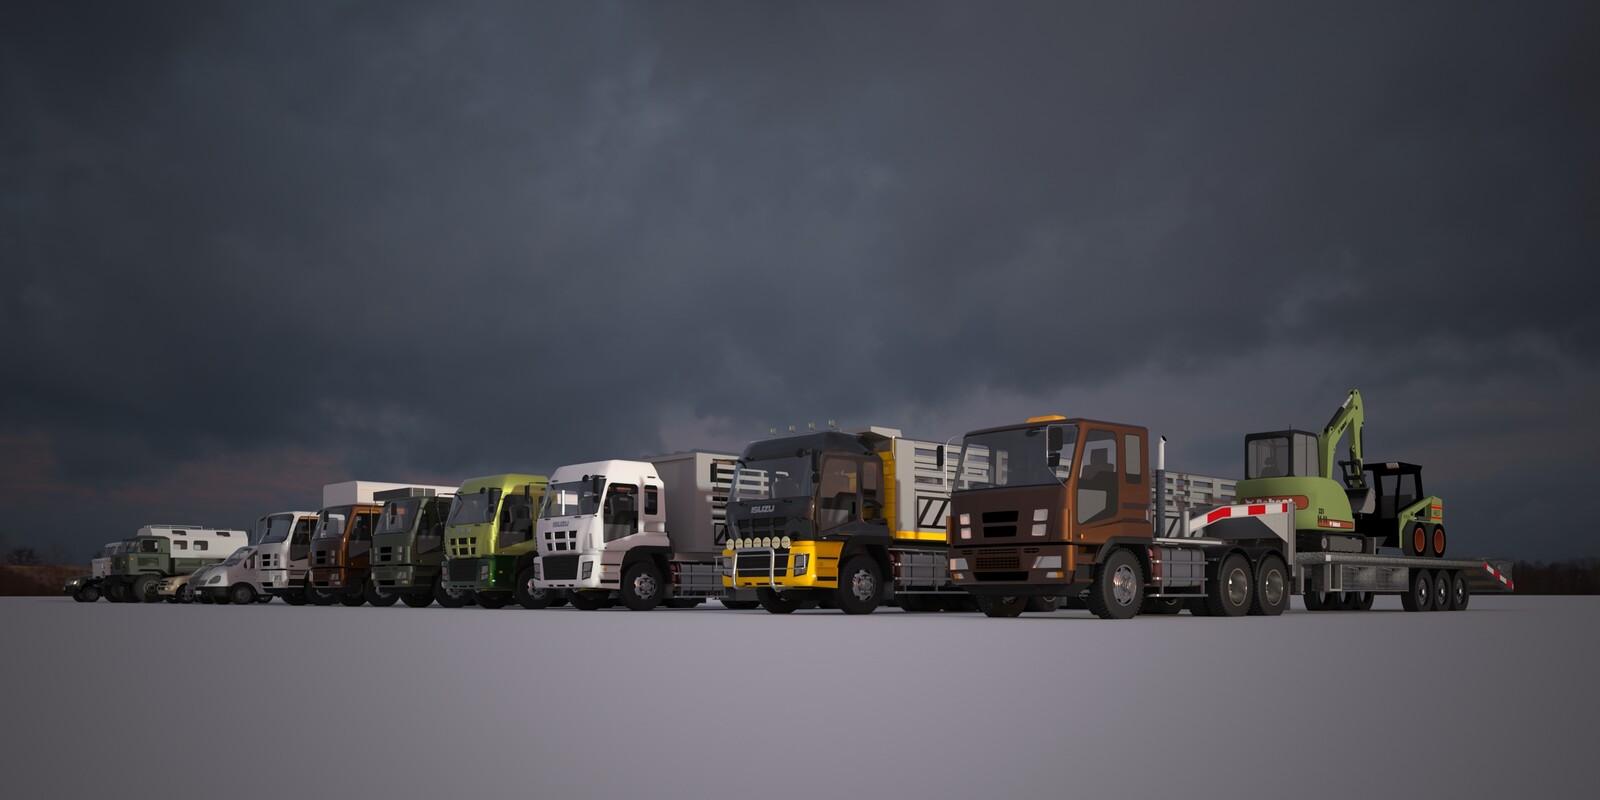 SketchUp 2020 + Thea Render V2 Korean vehicles-Scene 2 2160 x 1080 Presto Bucket 512 s/p